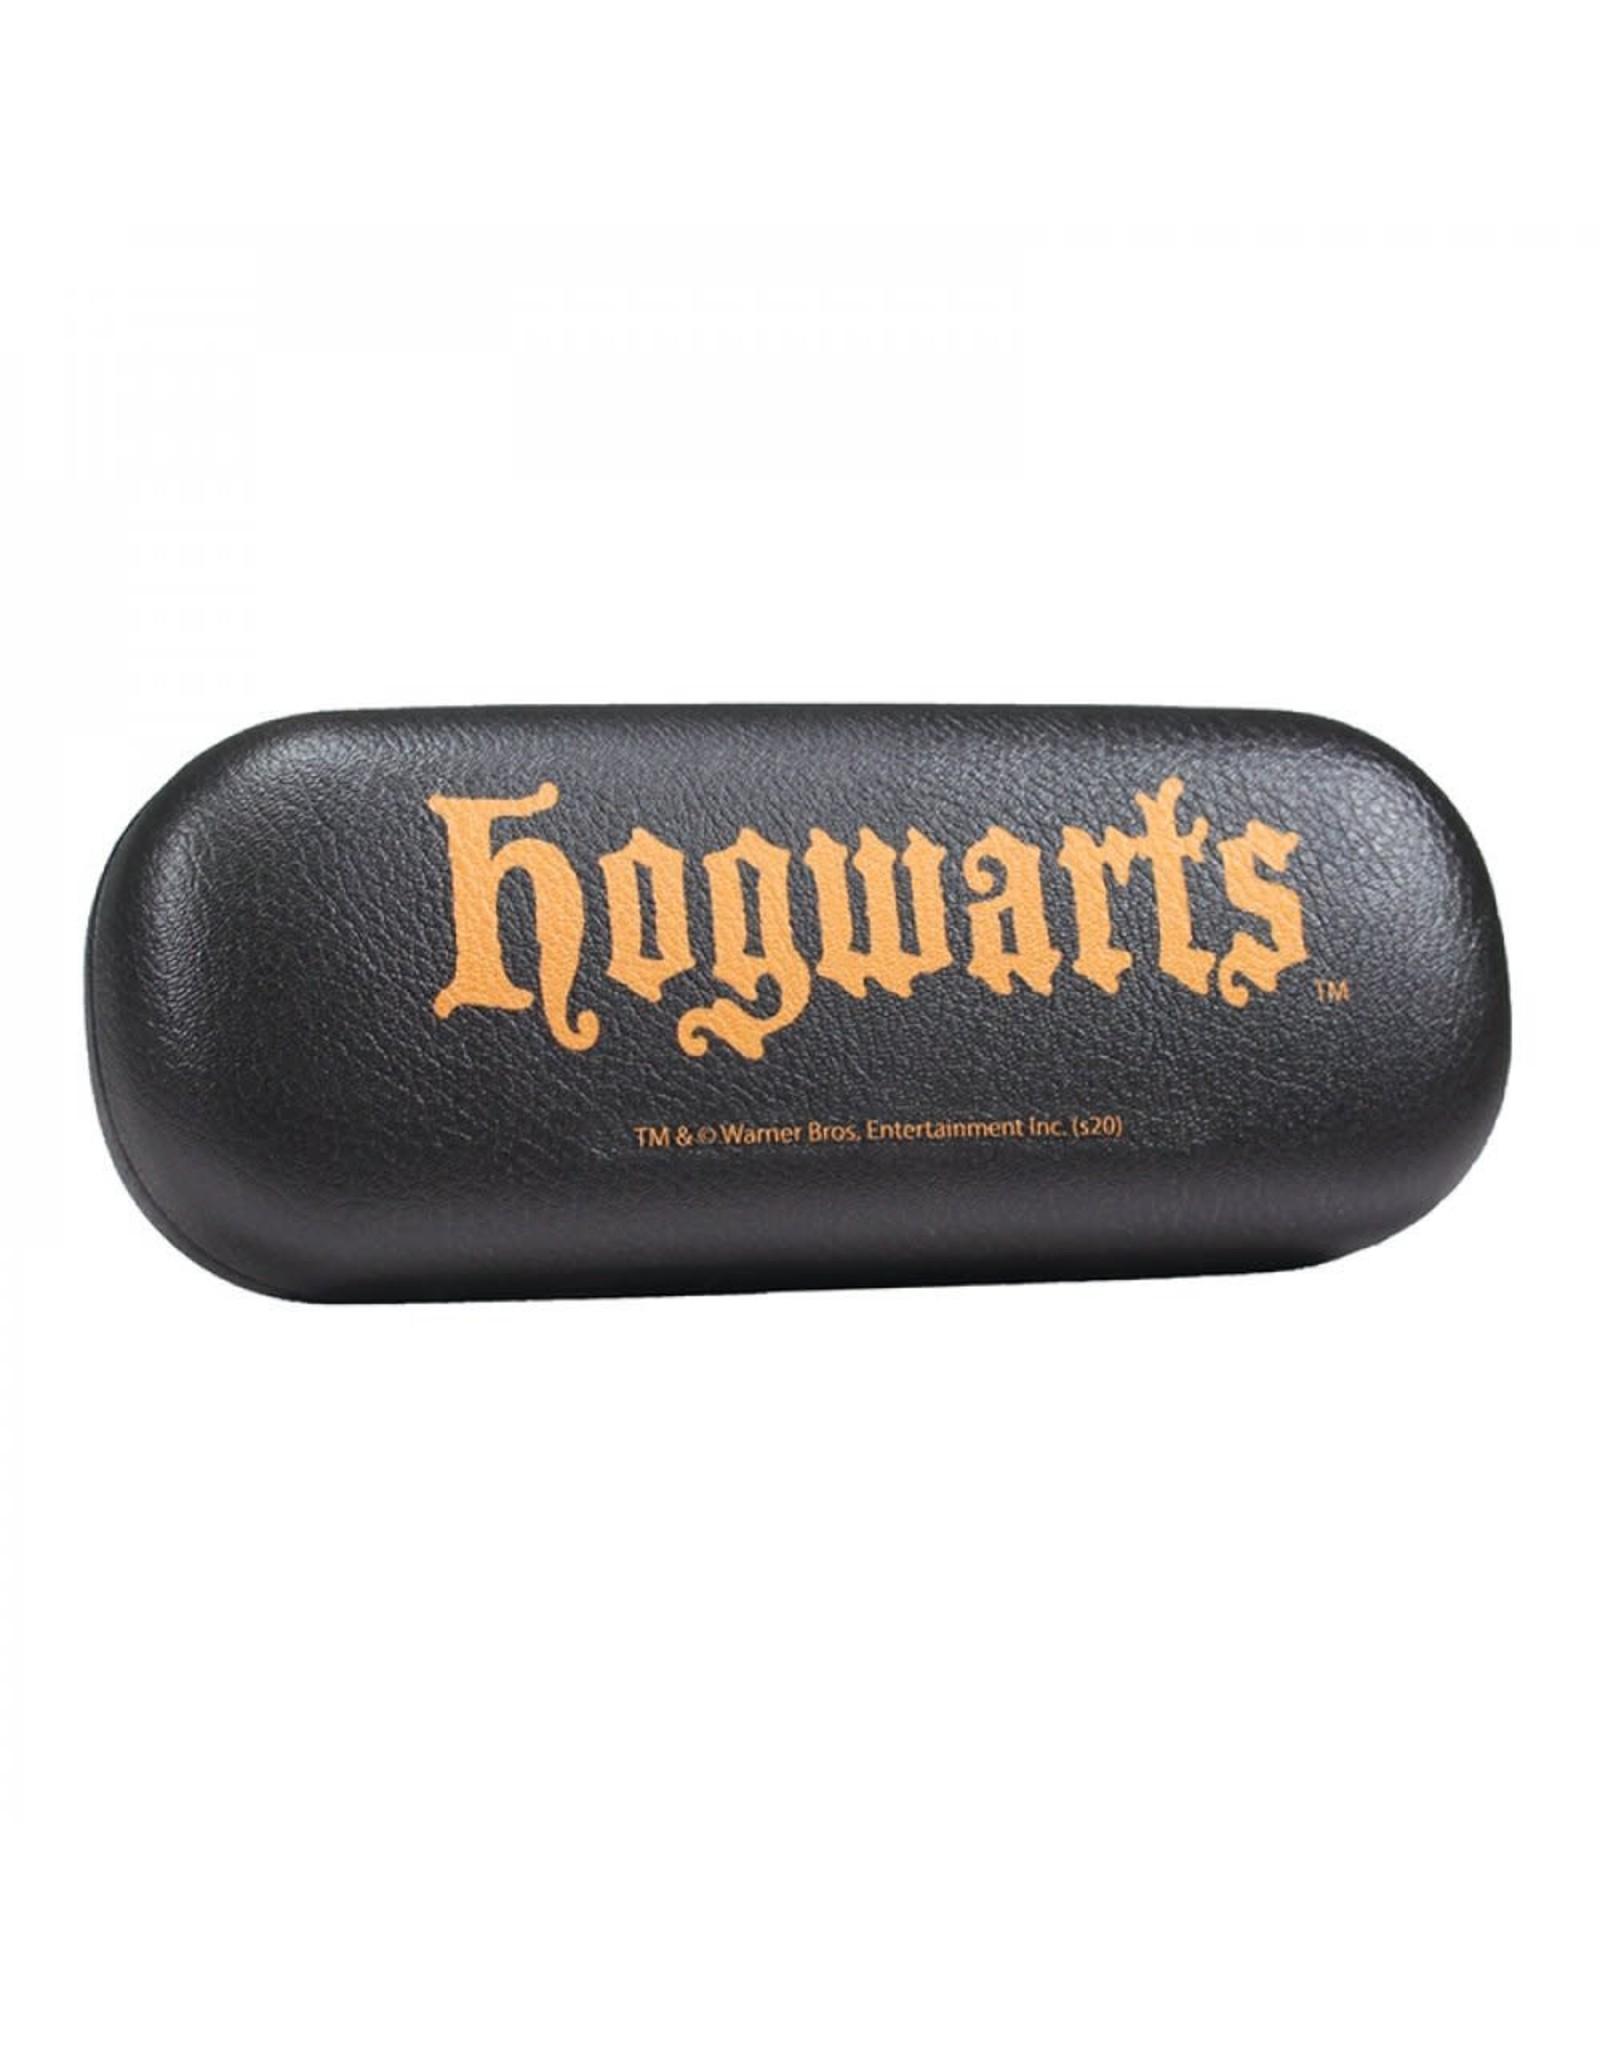 HARRY POTTER - Hogwarts - Glasses Case